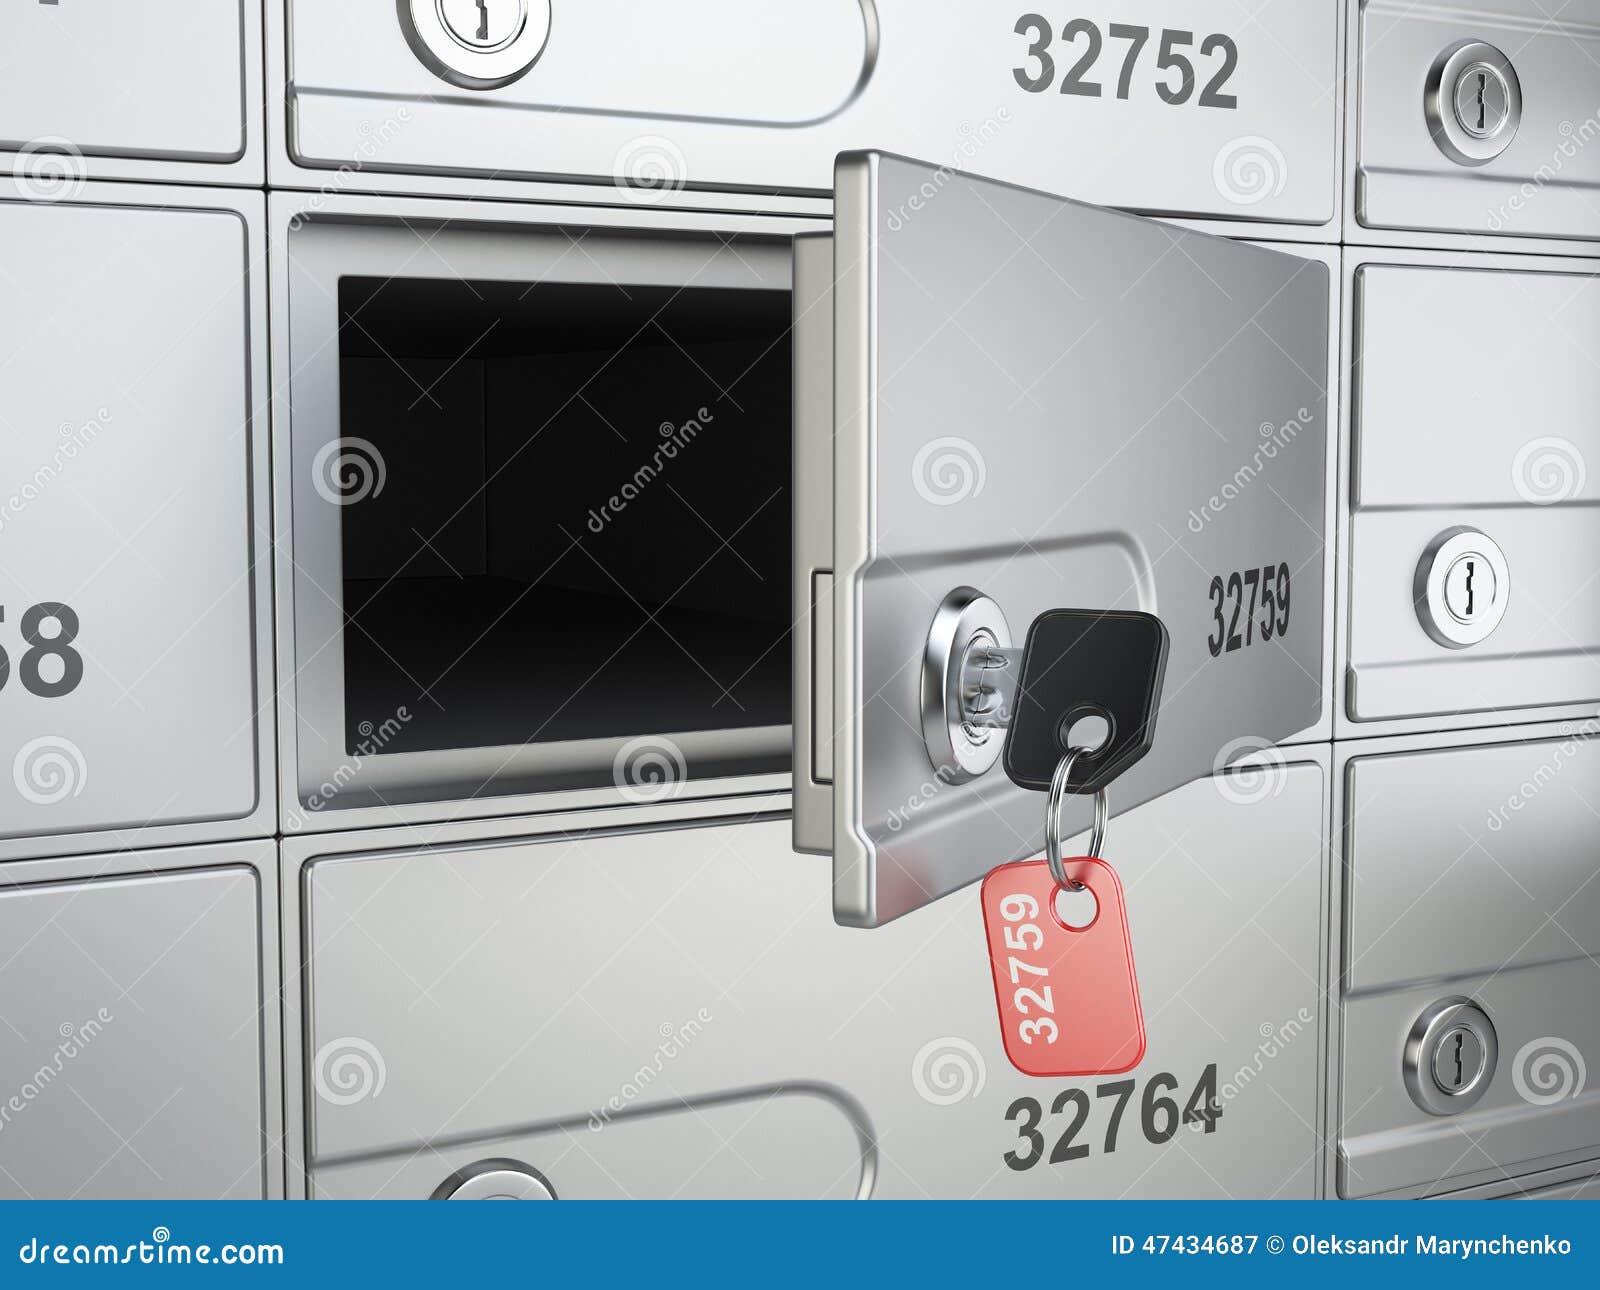 Apra la cellula sicura della banca e chiuda a chiave alla cassaforte